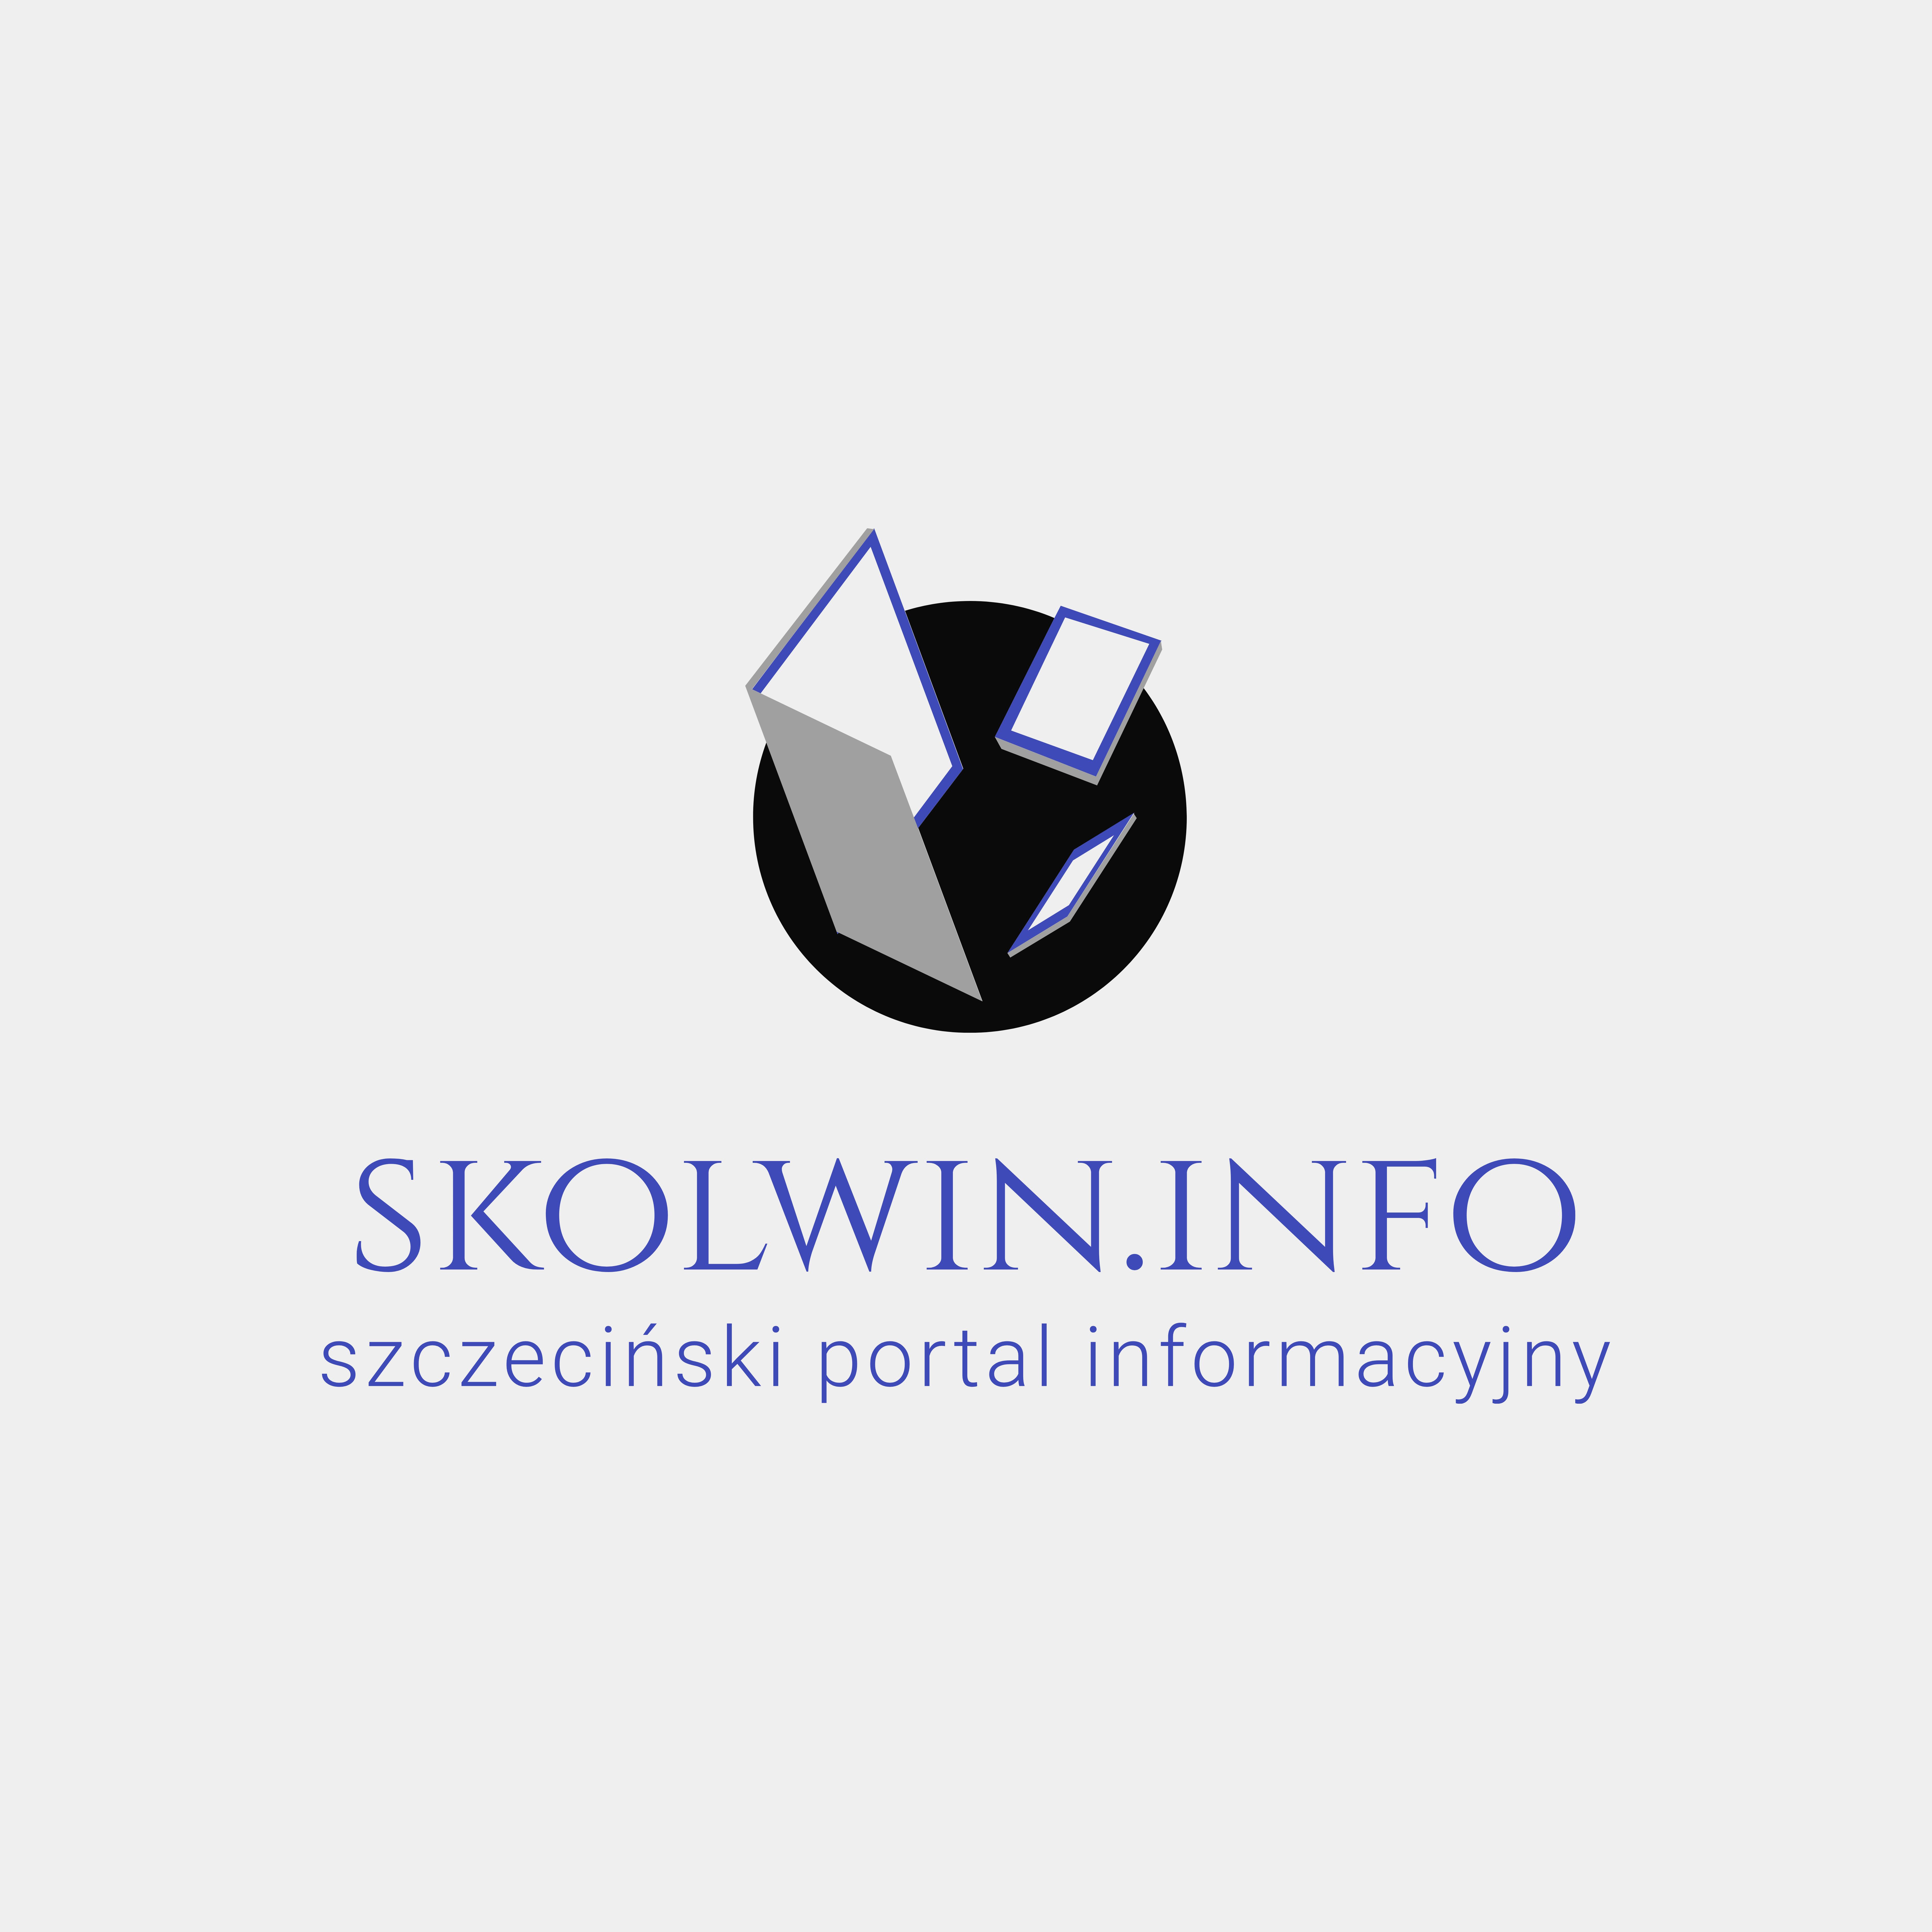 Skolwin.info